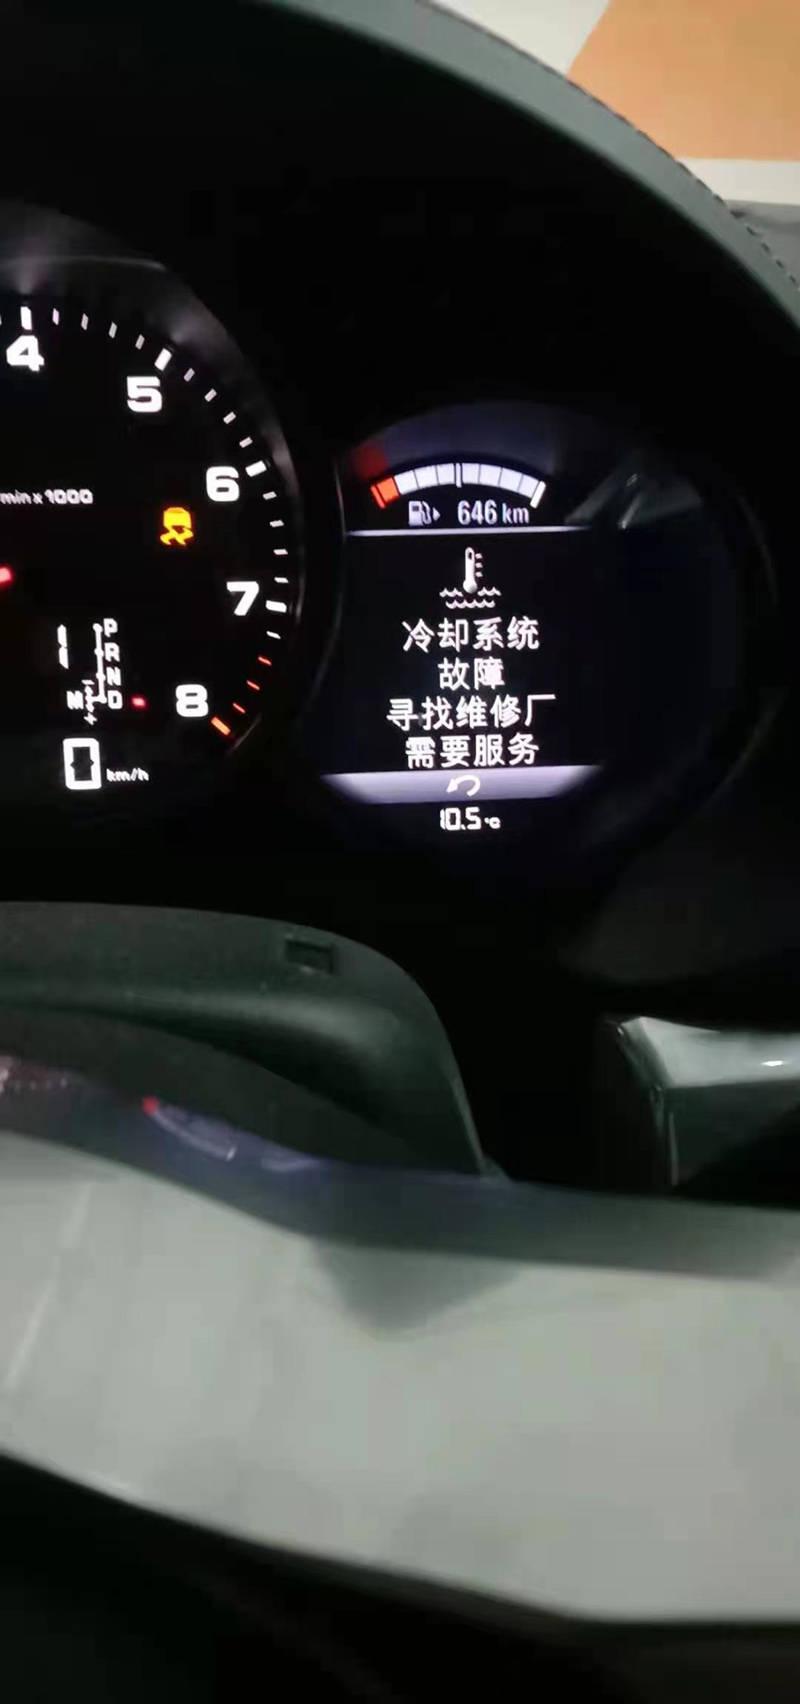 郑州一女子花70多万喜提保时捷跑车 刚买不到一个月就坏了